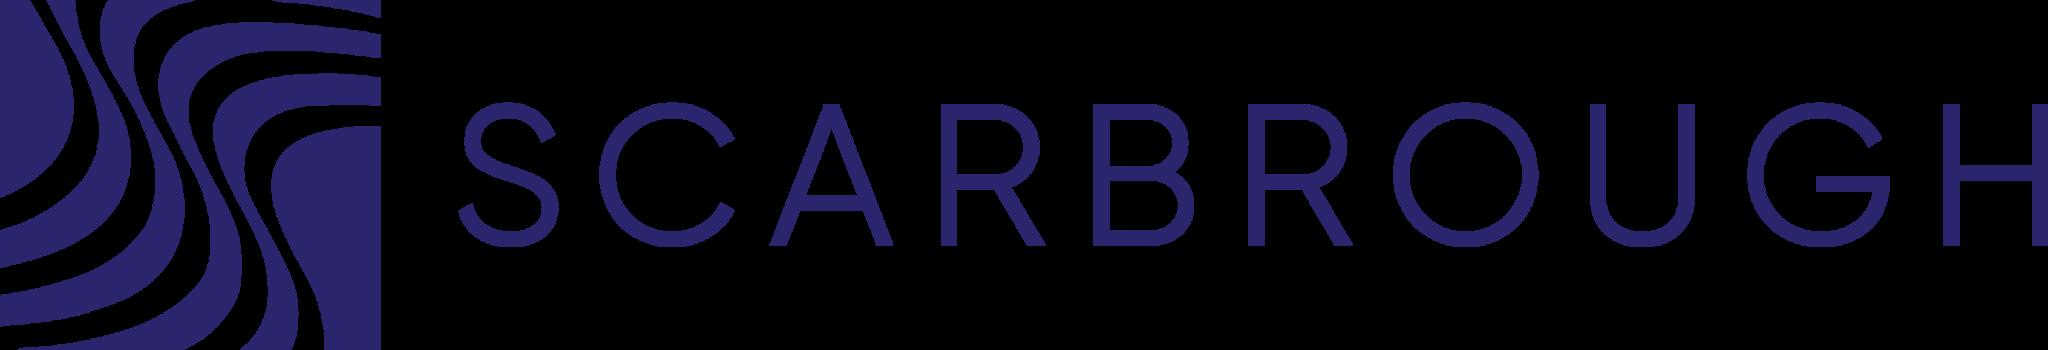 Scarbrough logo.